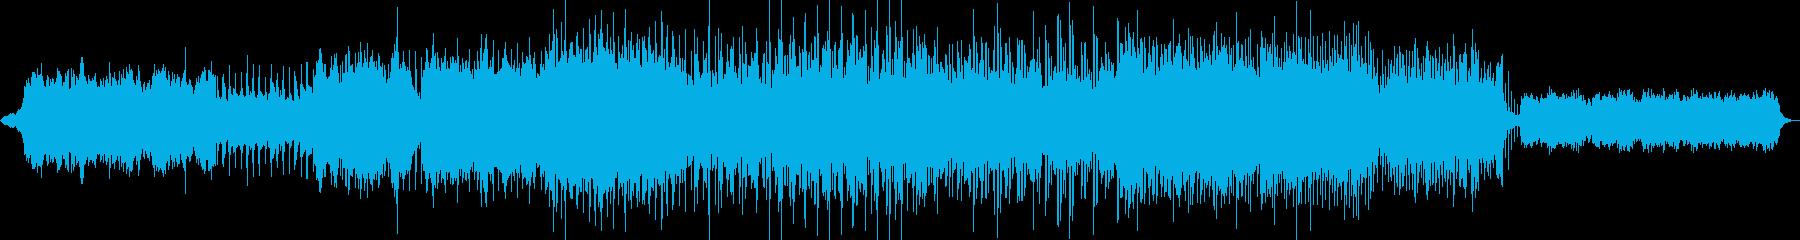 カタルシス。レクイエム。歌詞、ノス...の再生済みの波形